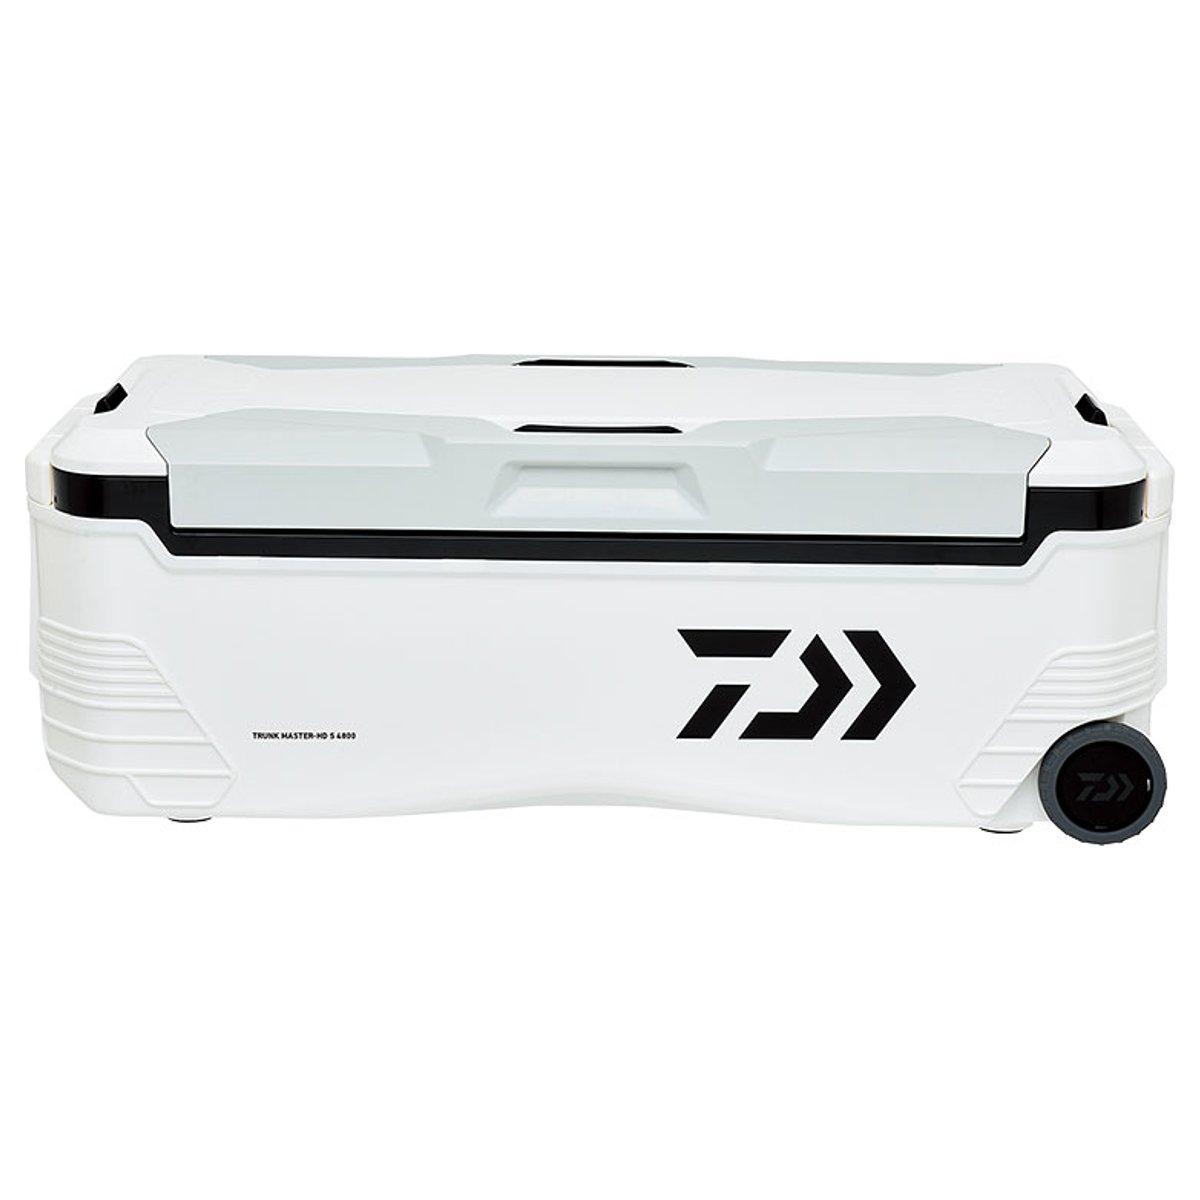 ダイワ トランクマスターHD S 4800 ブラック クーラーボックス【大型商品】(東日本店)【同梱不可】